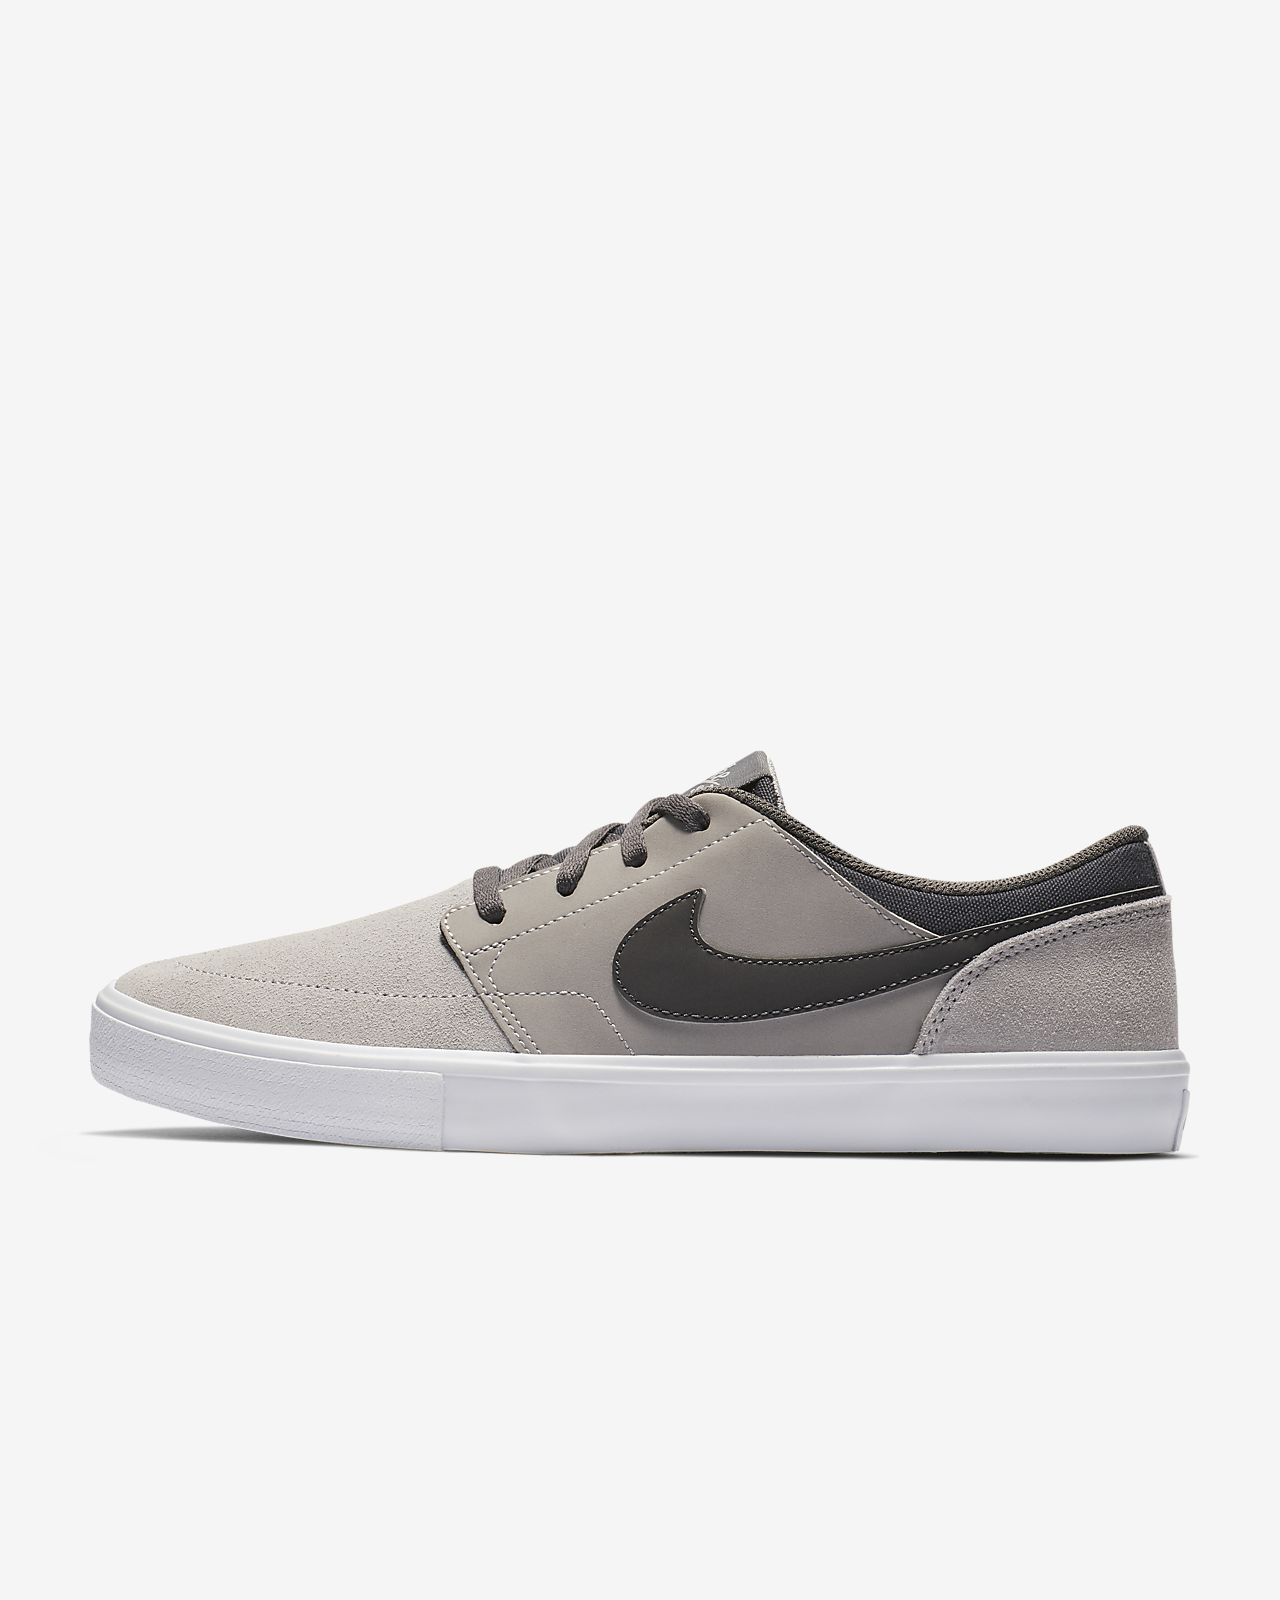 Skateschoen Nike Solarsoft Portmore Voor Sb Ii HerenNl mv8nwN0O